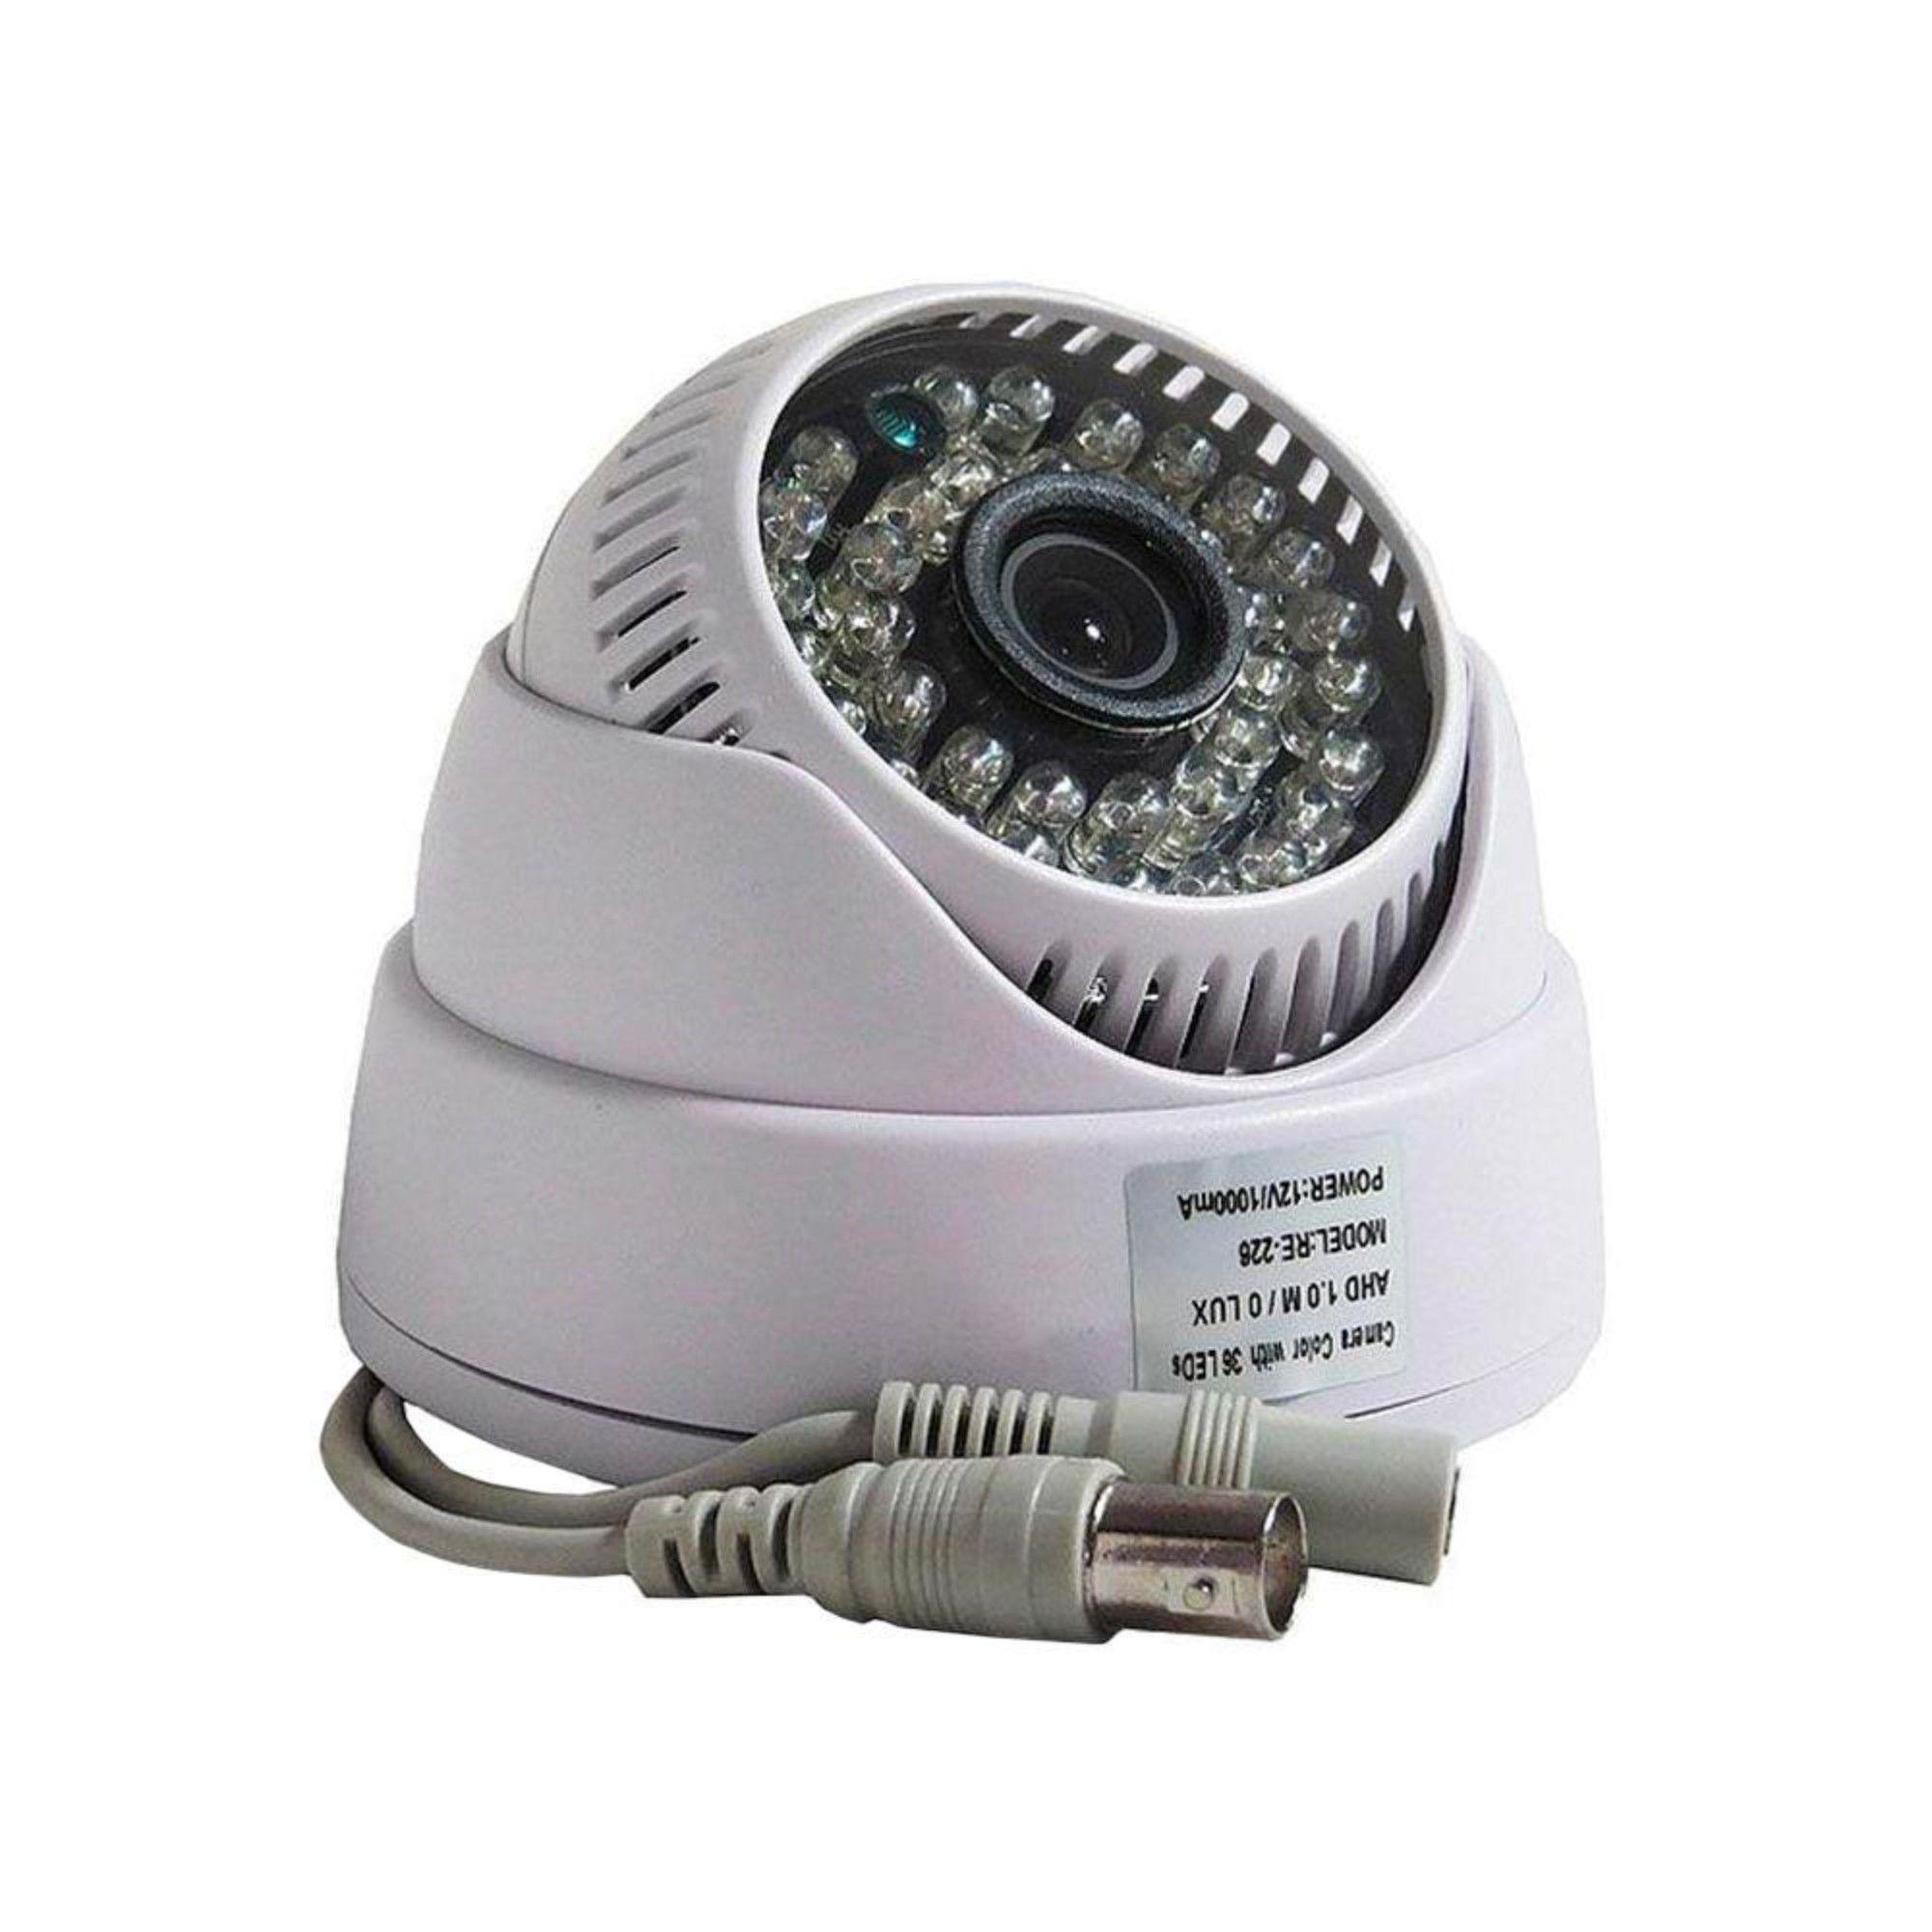 Kit CFTV TWG Completo 14 Câmeras AHD 720p DVR 16 Canais